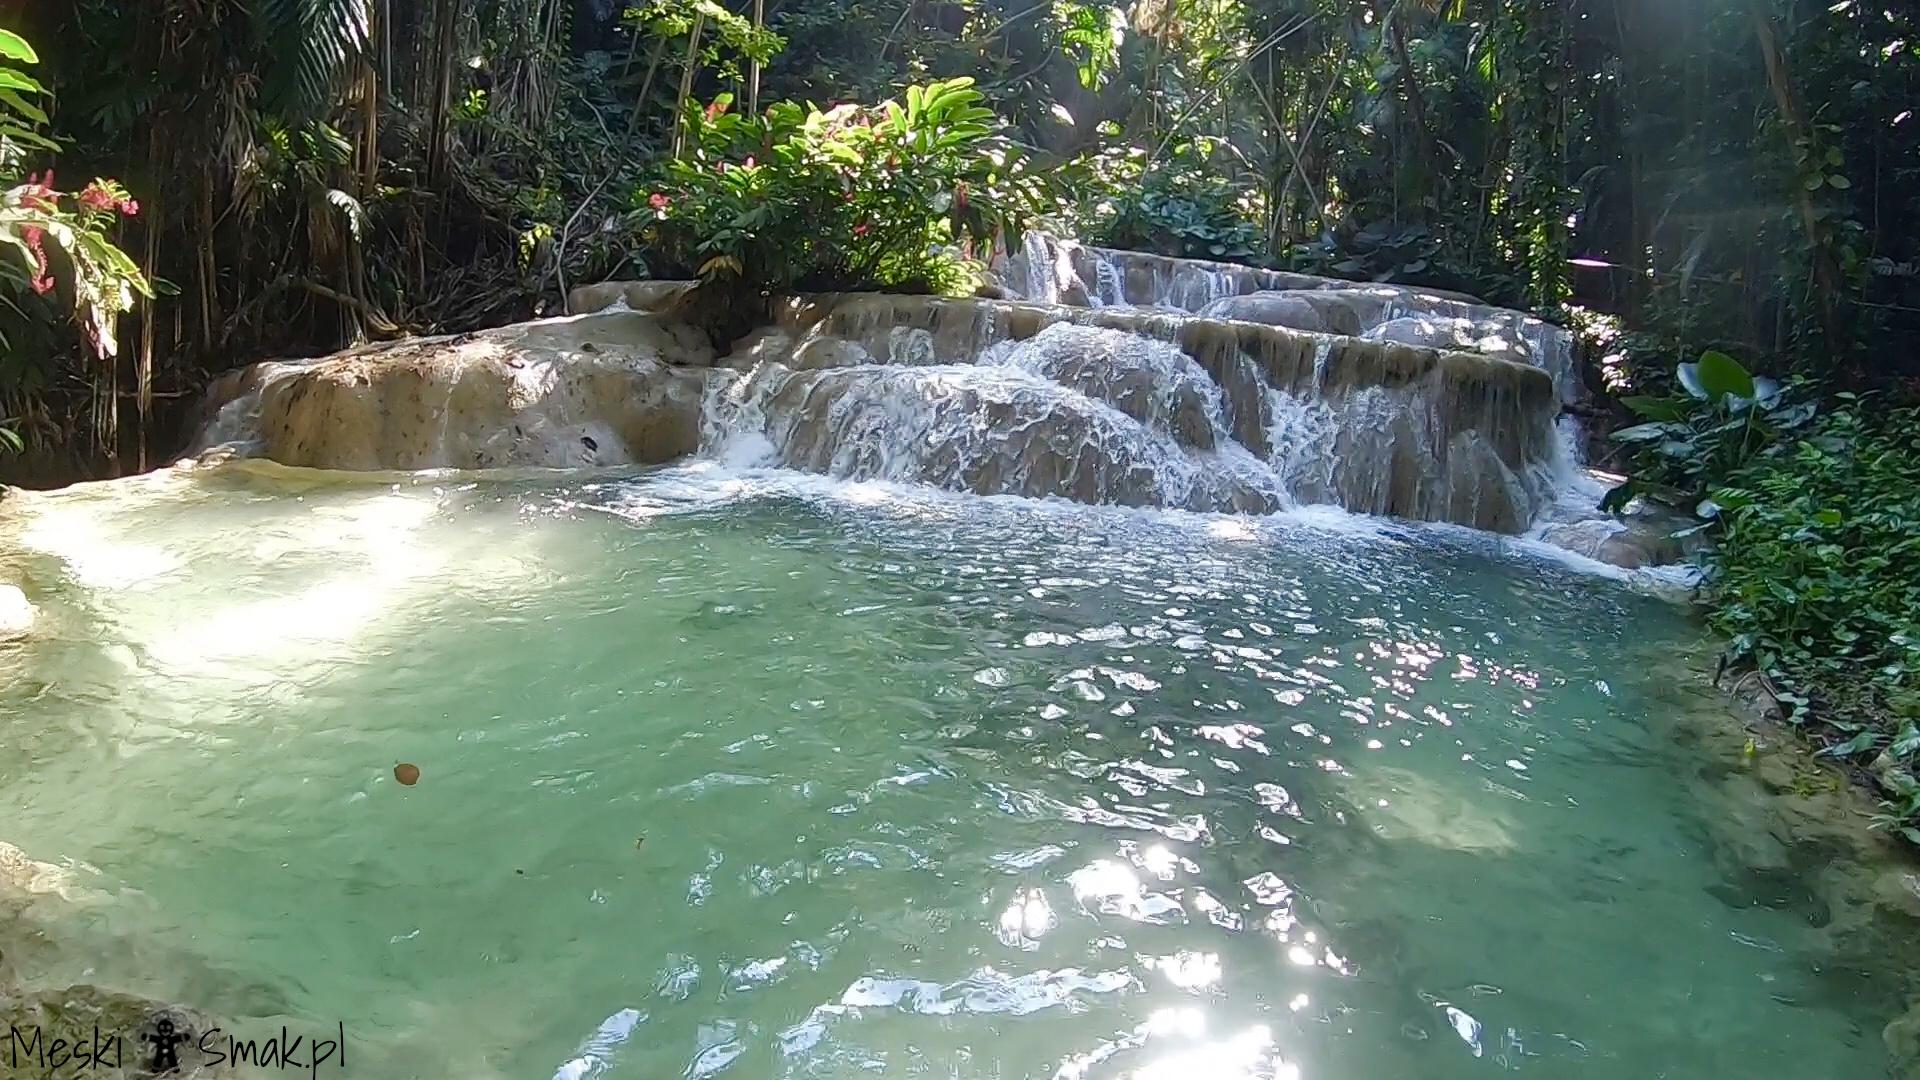 Wakacje i wycieczki Jamajka_The Turtle River Falls & Gardens 7